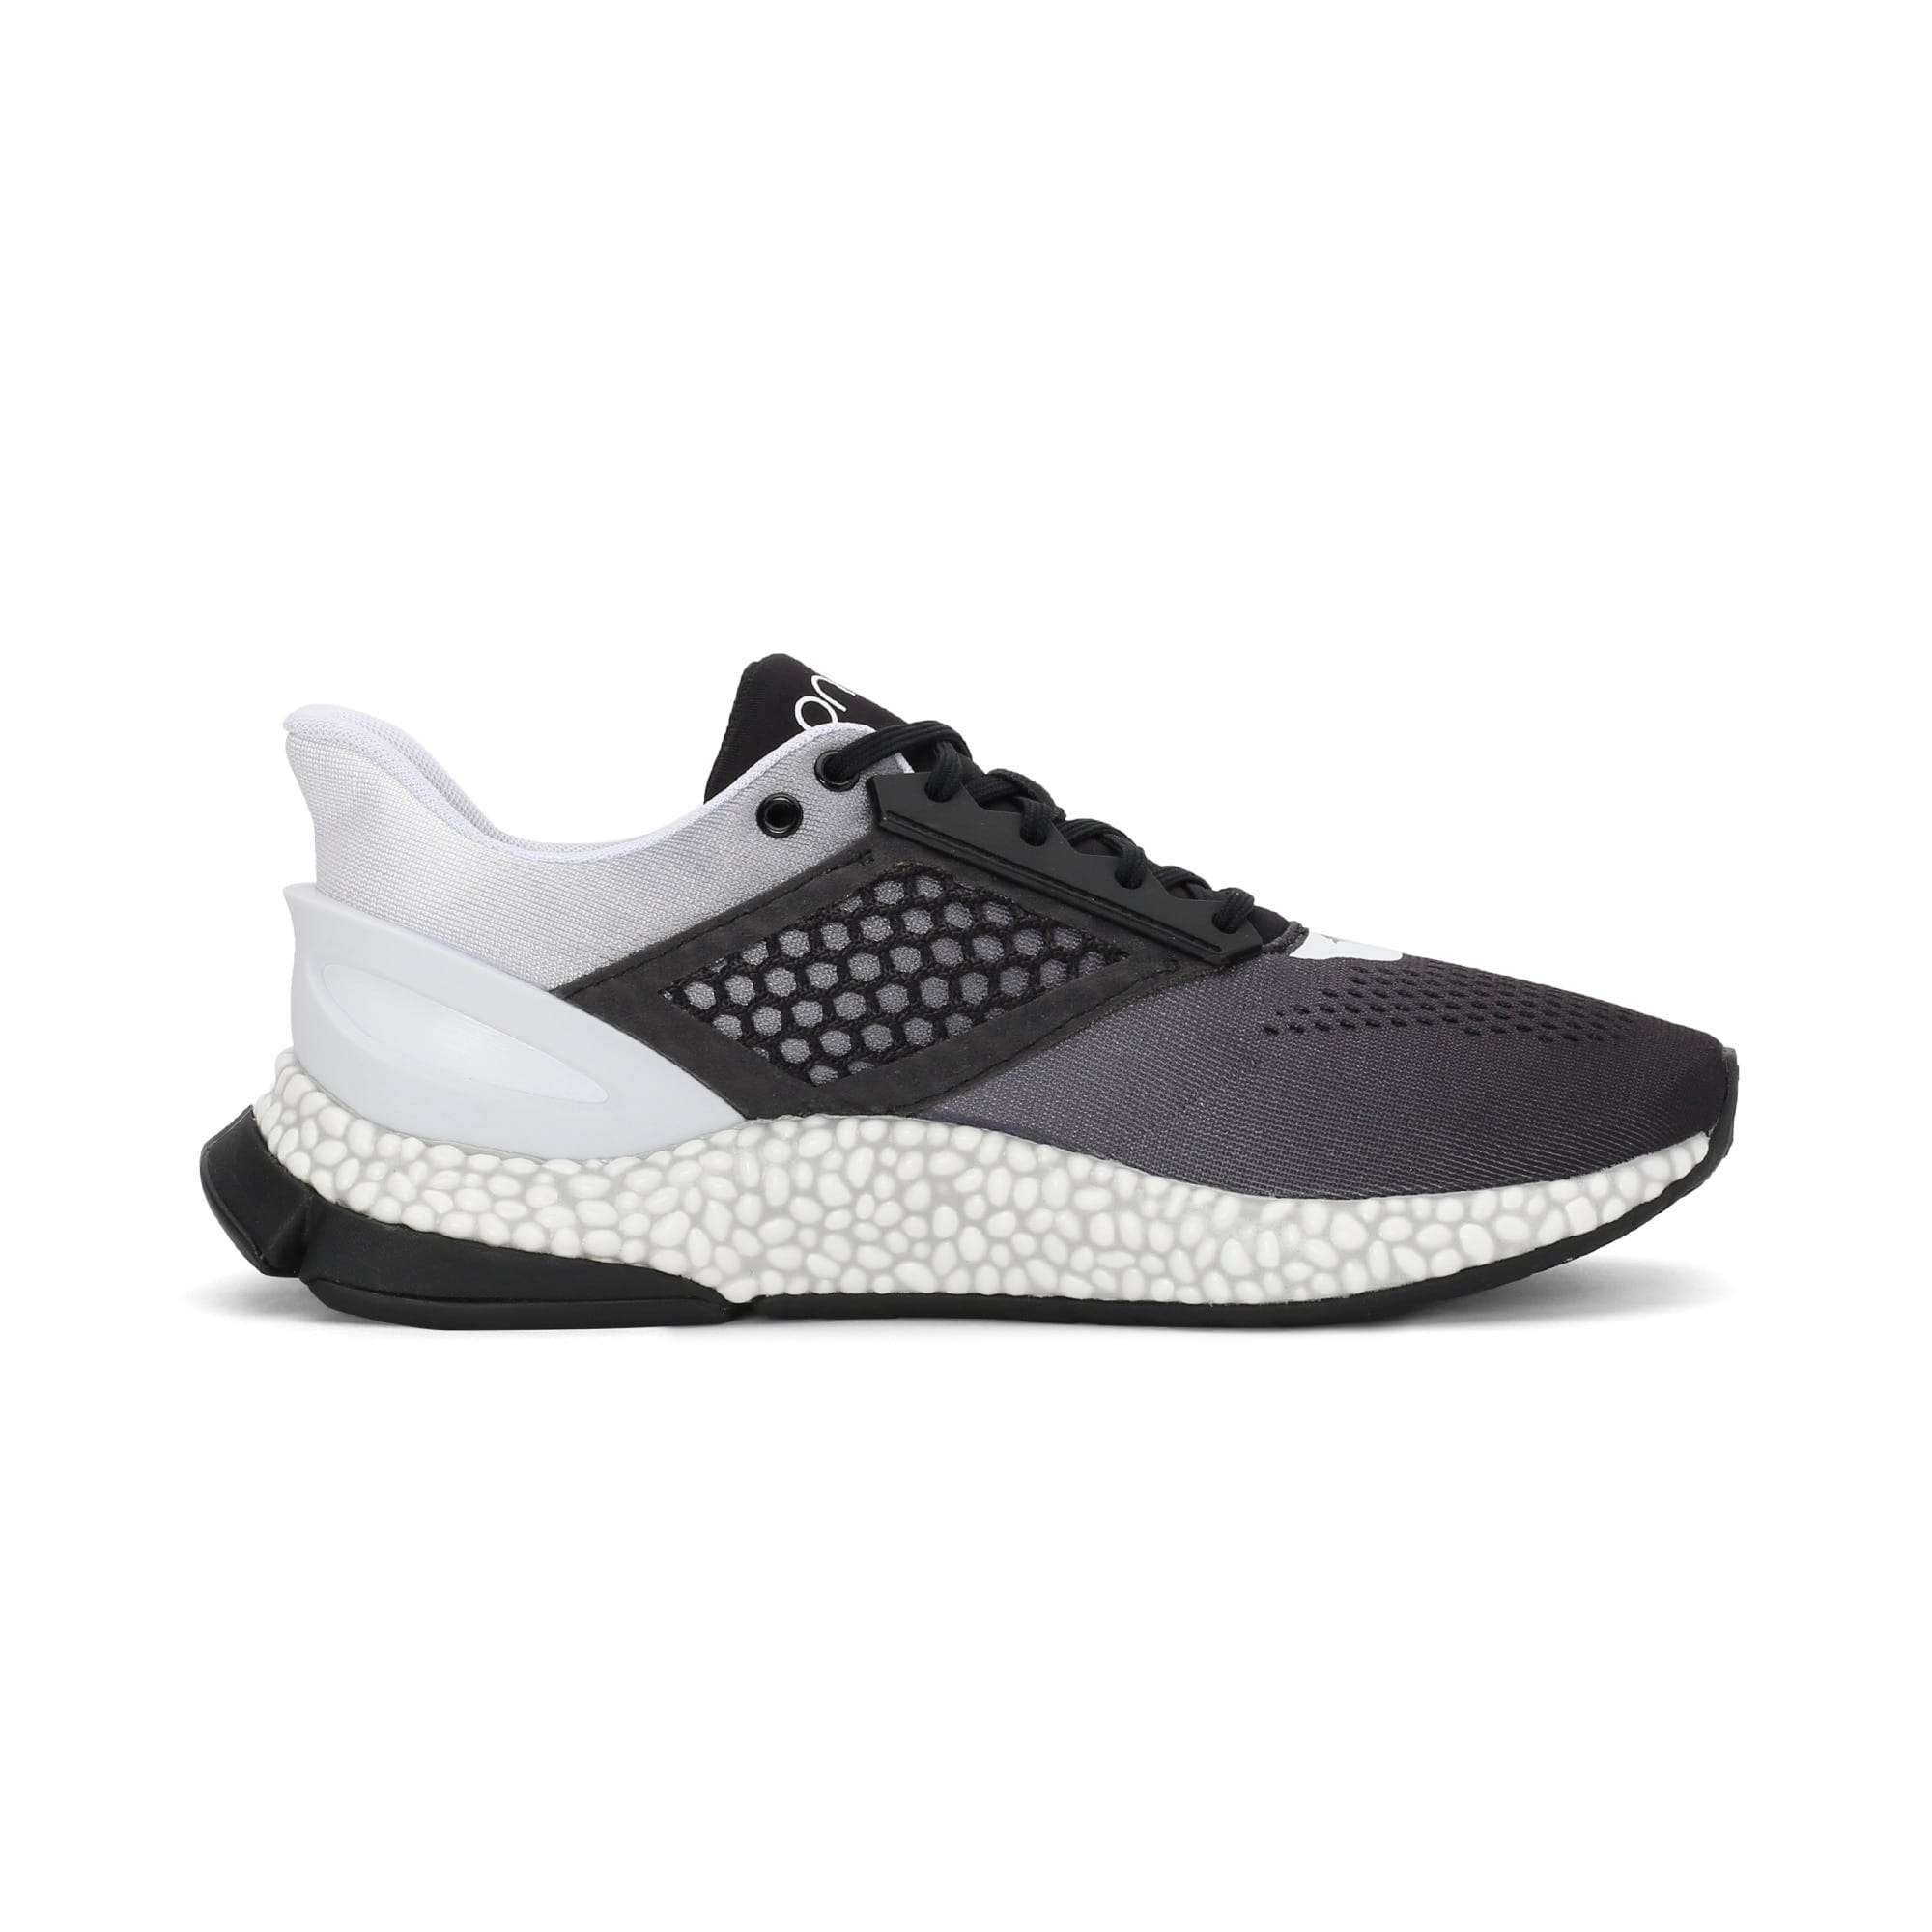 Thumbnail 5 of HYBRID Astro one8 Unisex Running Shoes, Puma Black-Puma White, medium-IND